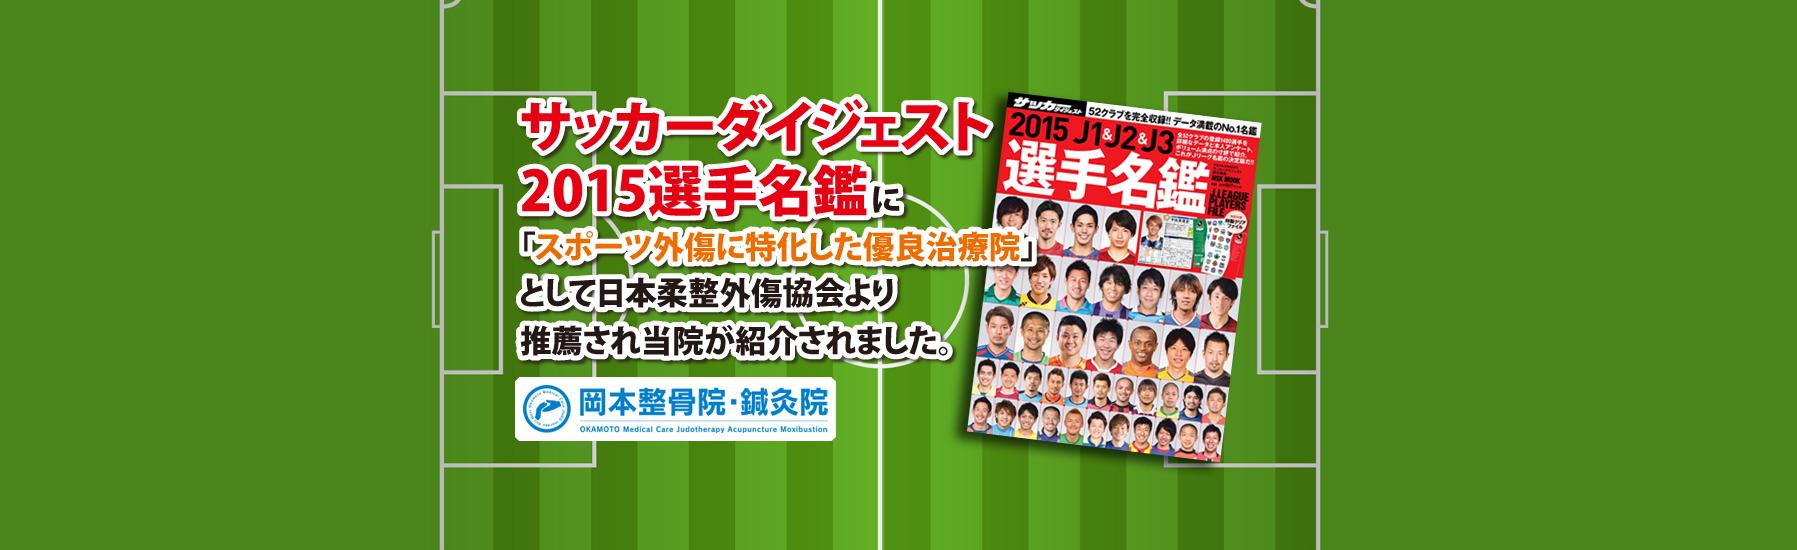 サッカーダイジェスト2015選手名鑑